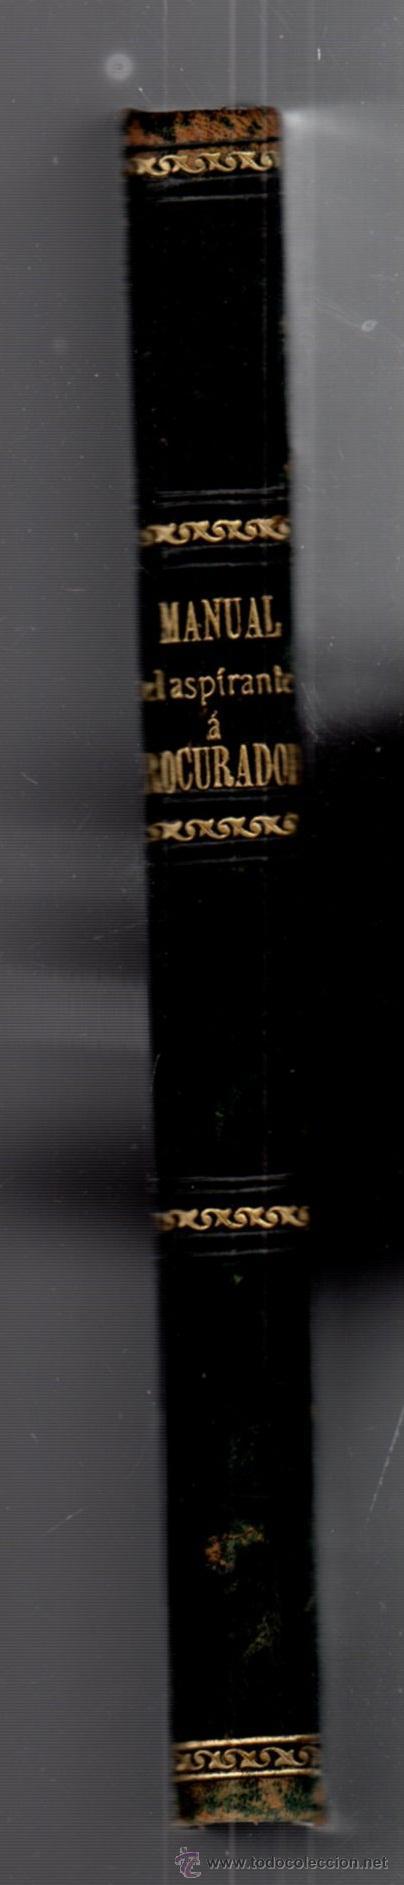 Libros antiguos: MANUAL DEL ASPIRANTE A PROCURADOR. FEDERICO CARBONERO GONZALEZ. MADRID. 1890. LEER - Foto 3 - 52976291